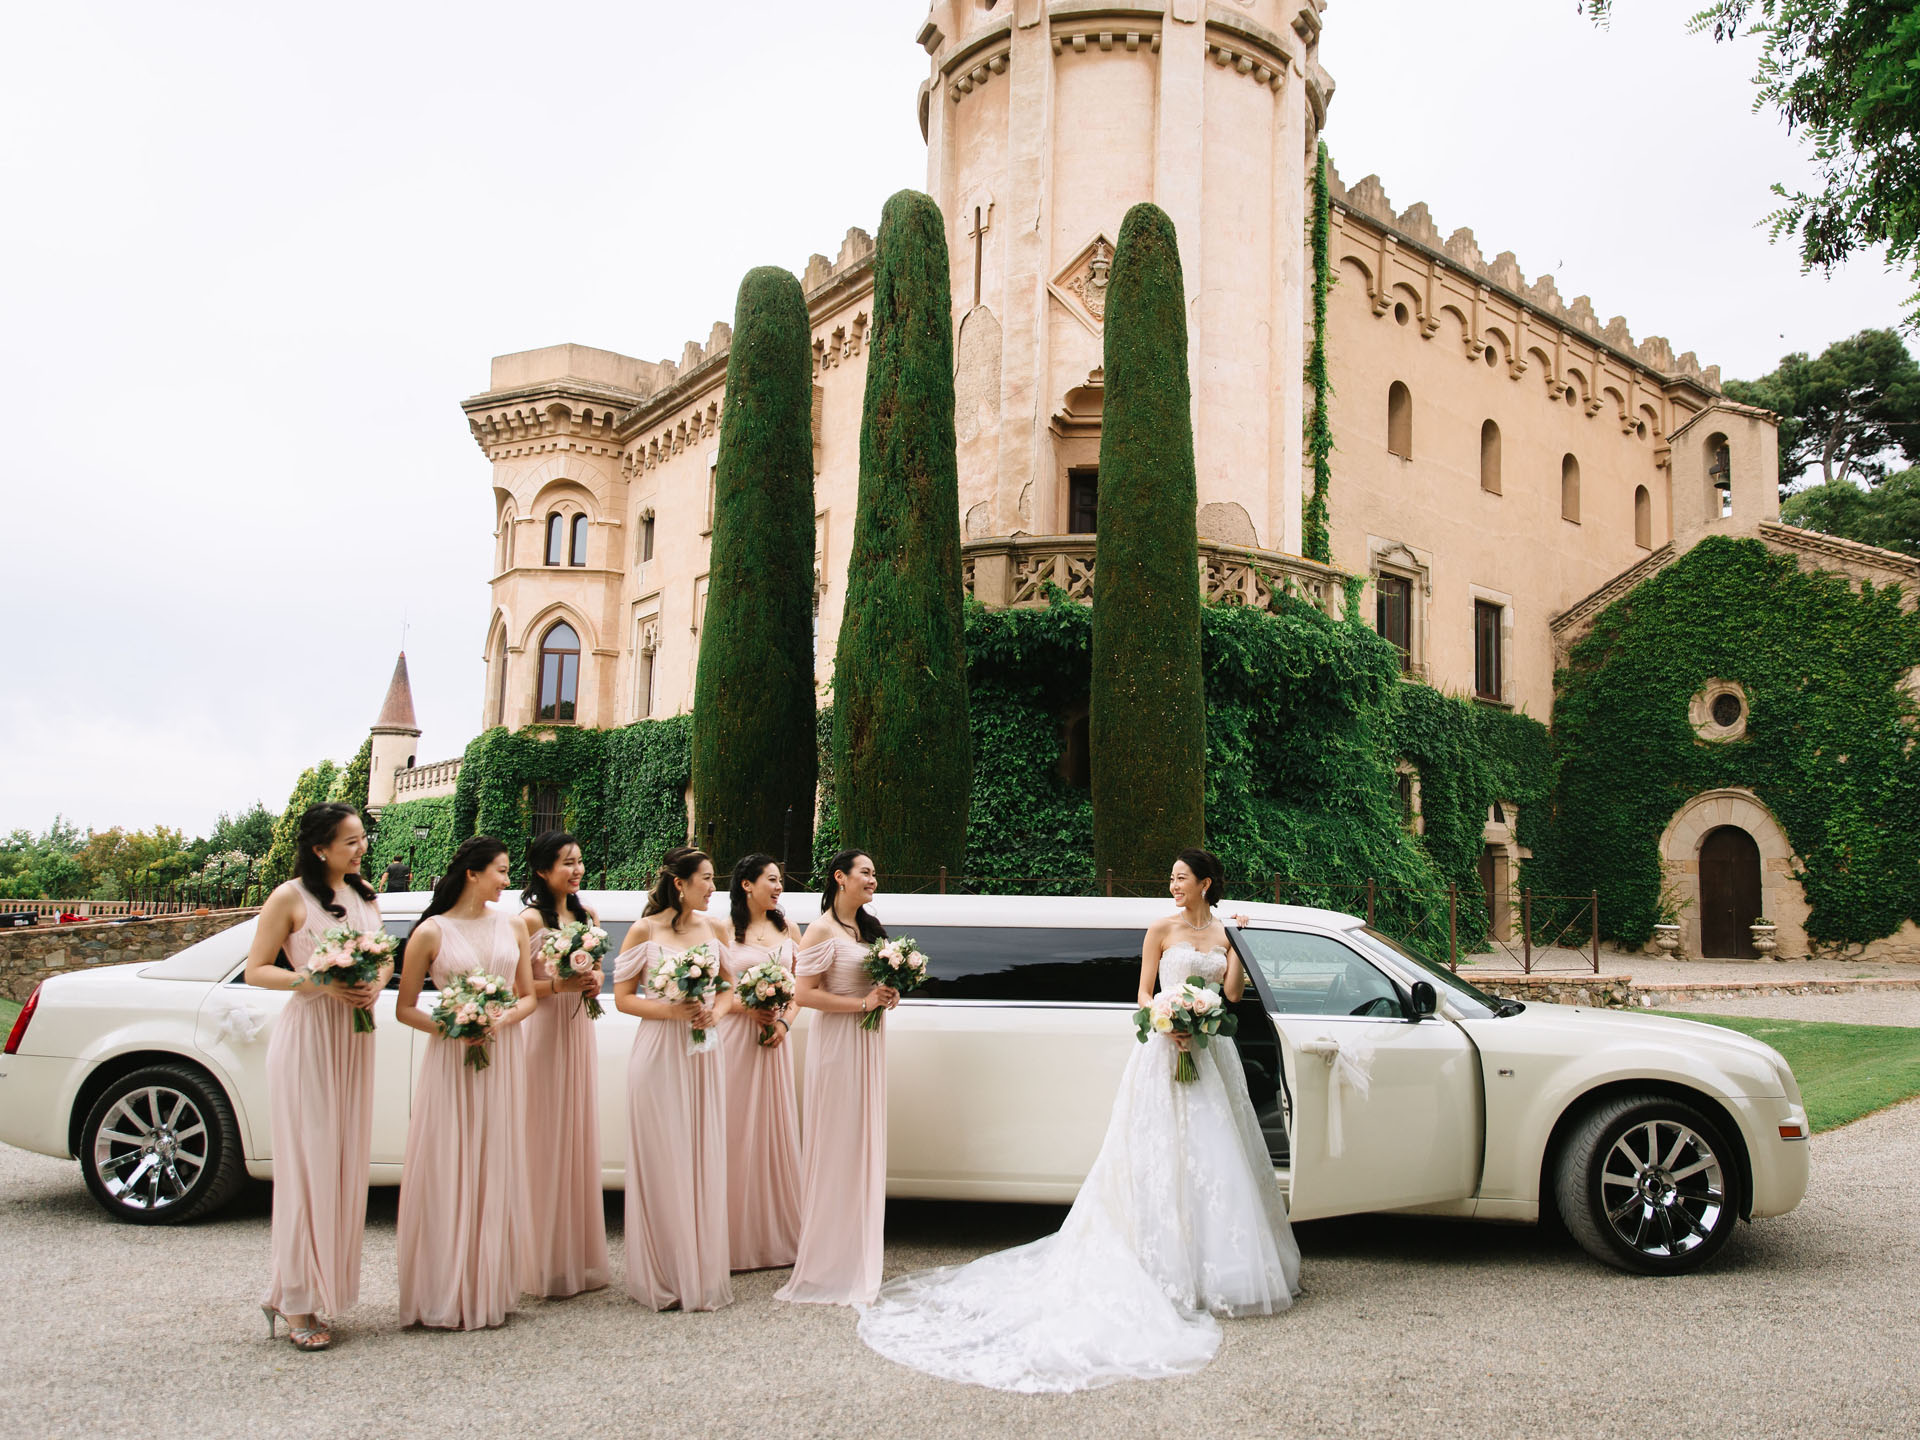 boda-castillo-ilusion